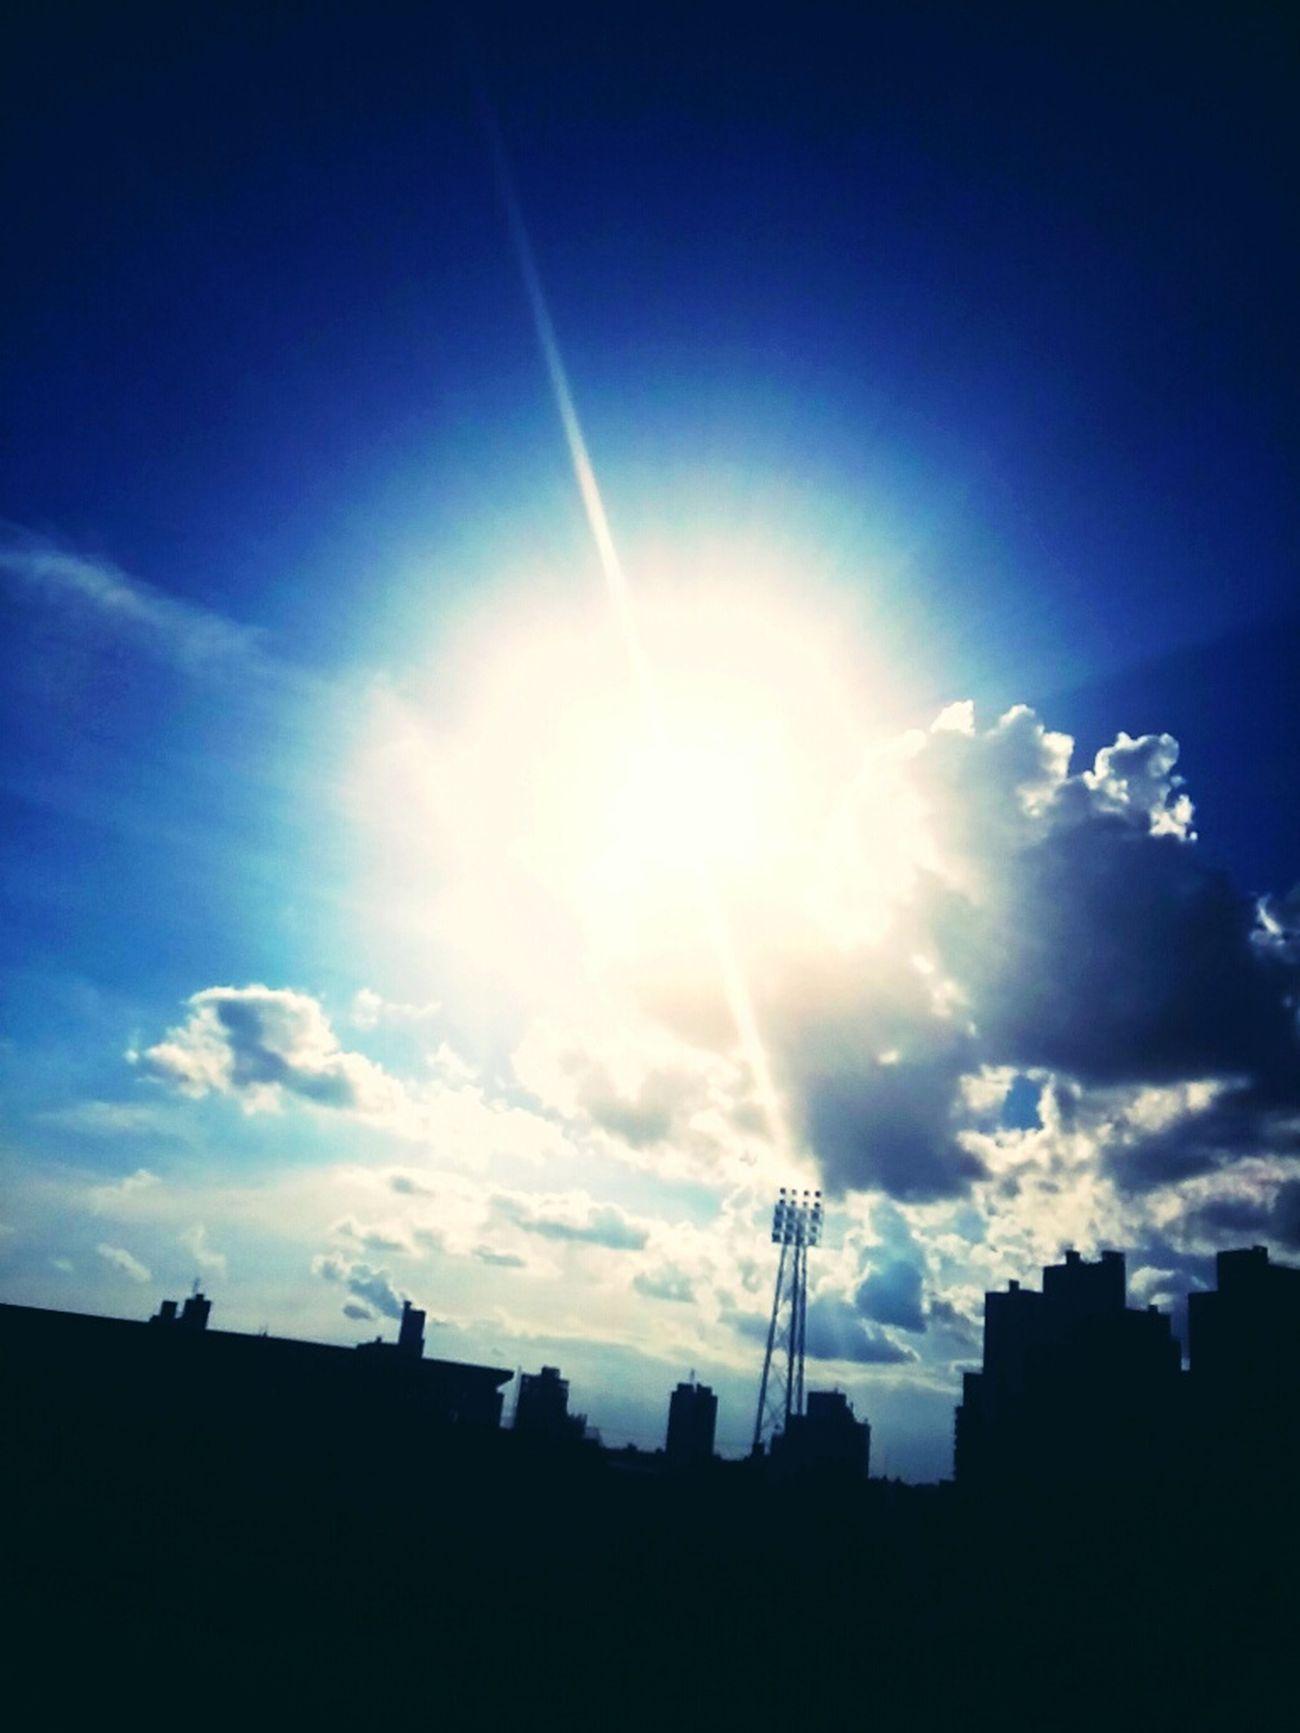 Sol lindo q nos acompanhou durante o jogo da chapecoense hehe